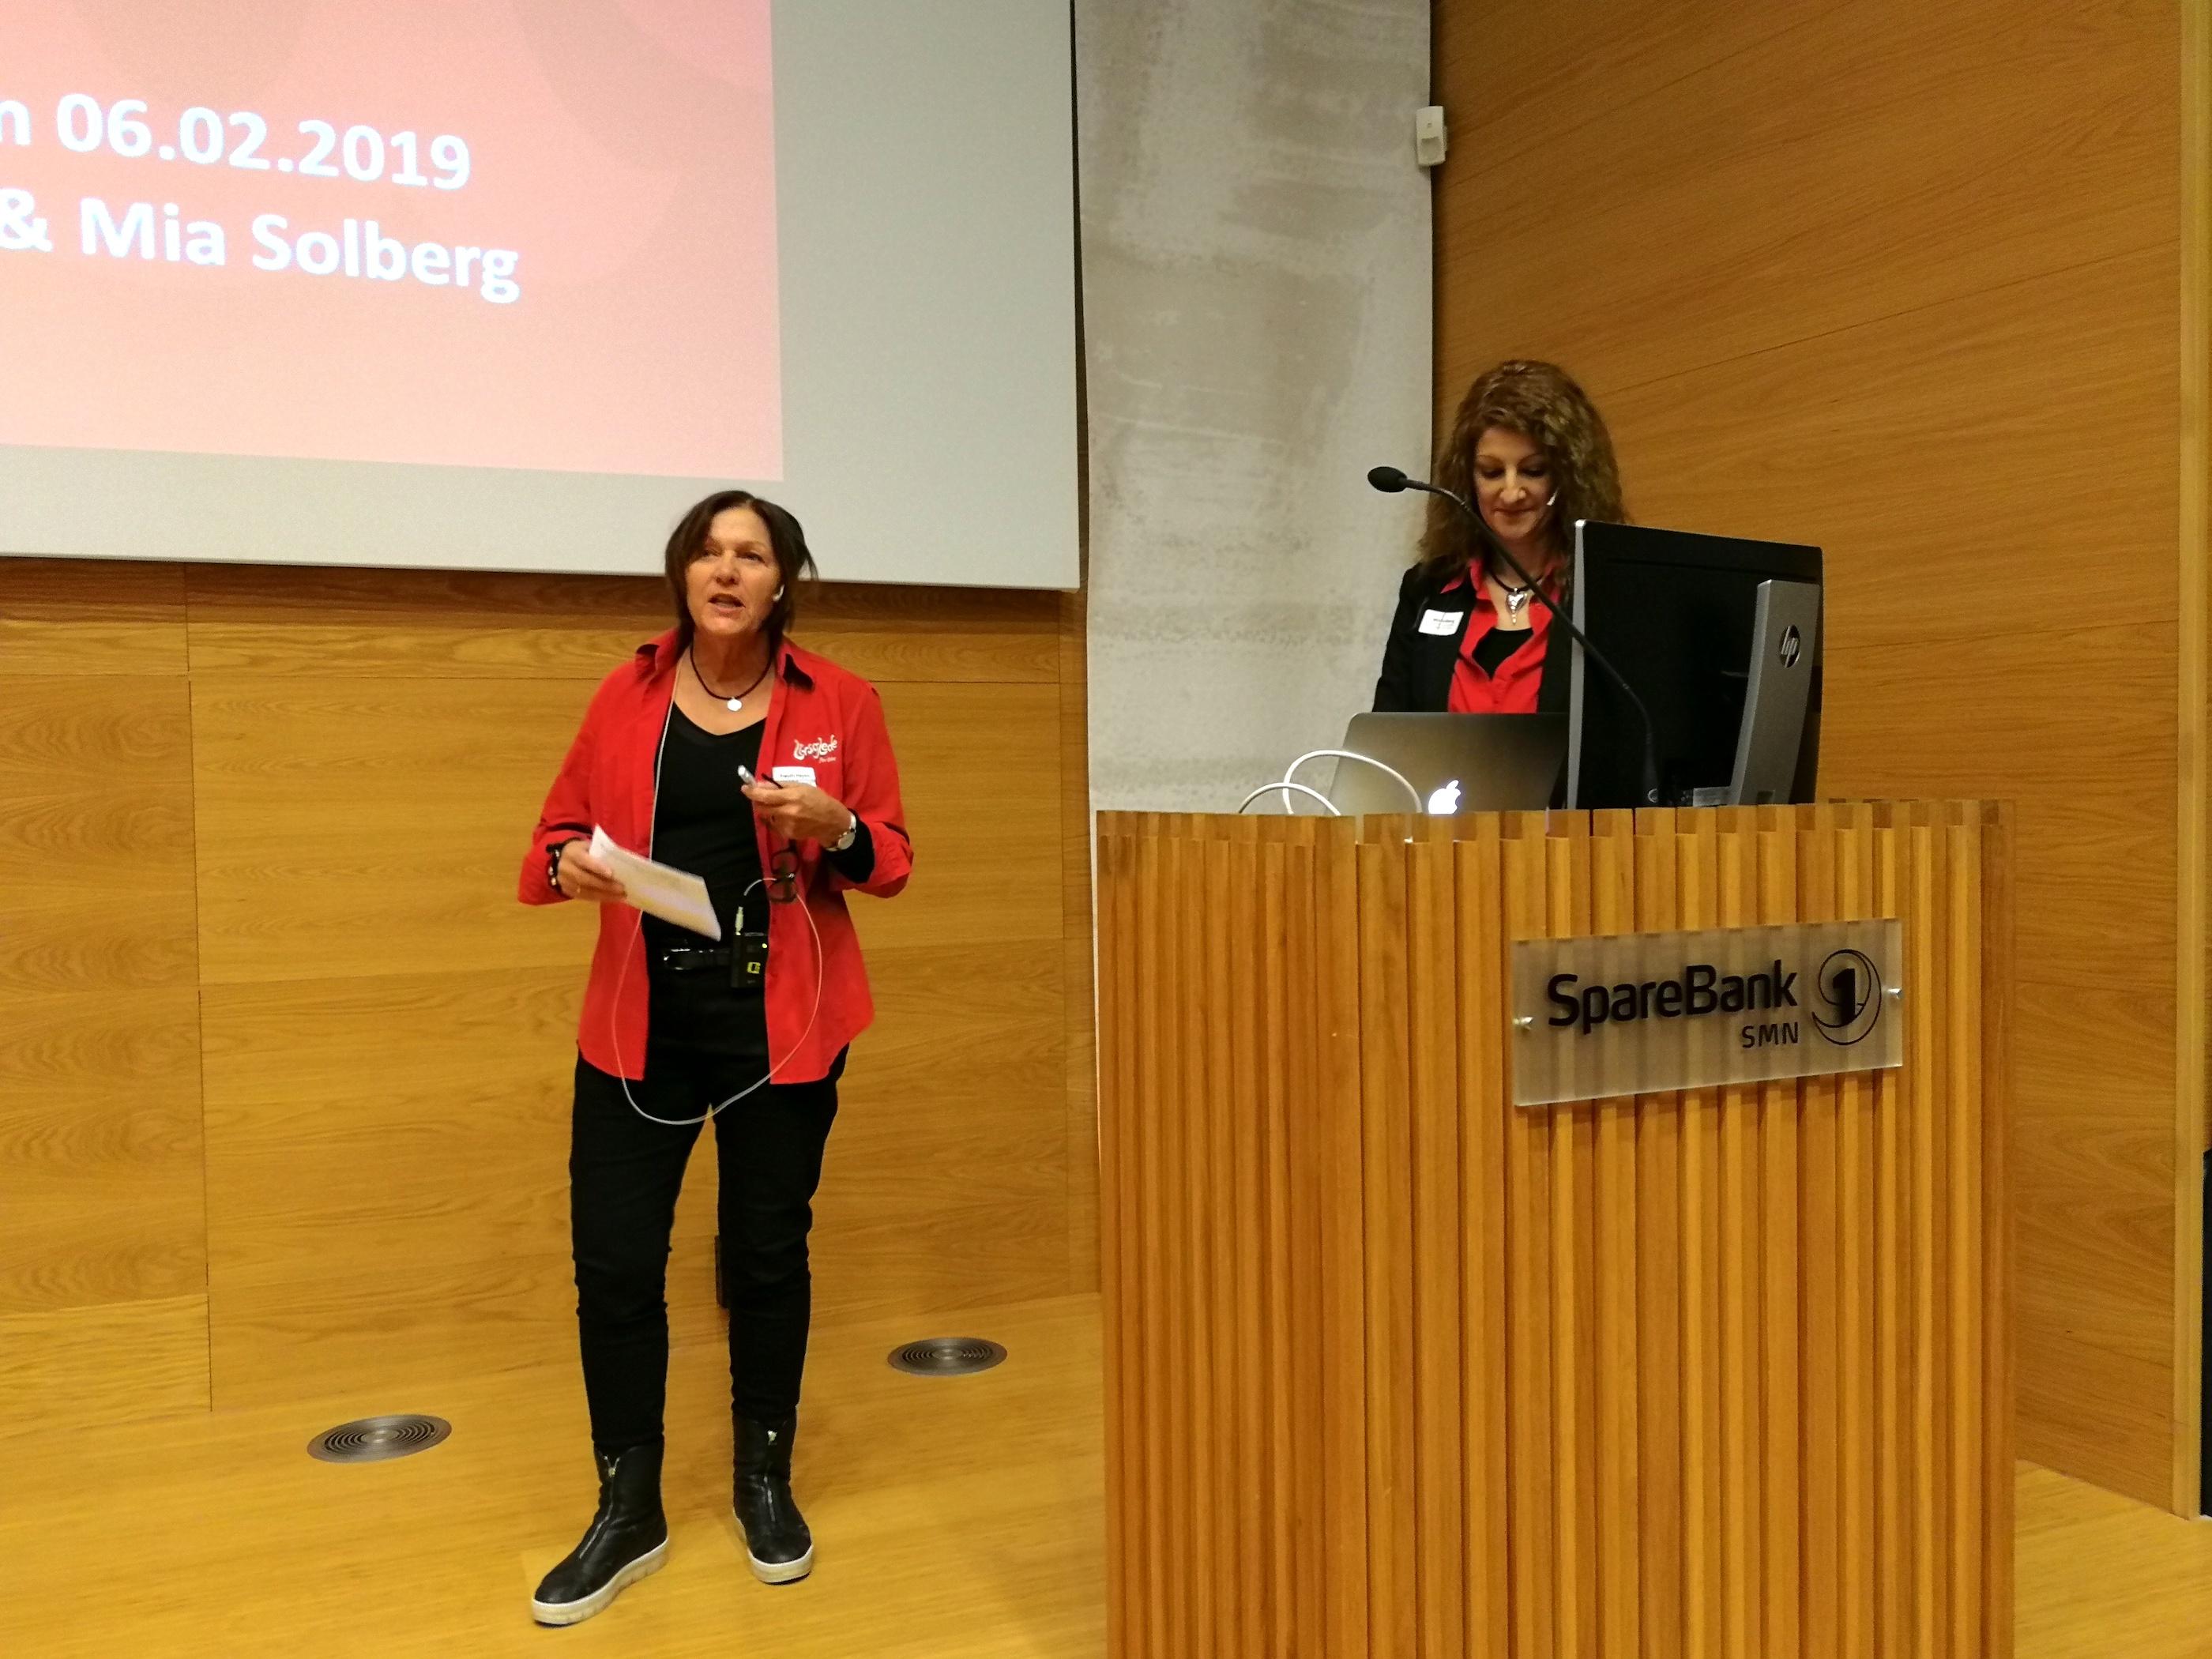 Frøydi Høyem og Mia Solberg om Livsgledehjem isett fra lederperspektiv